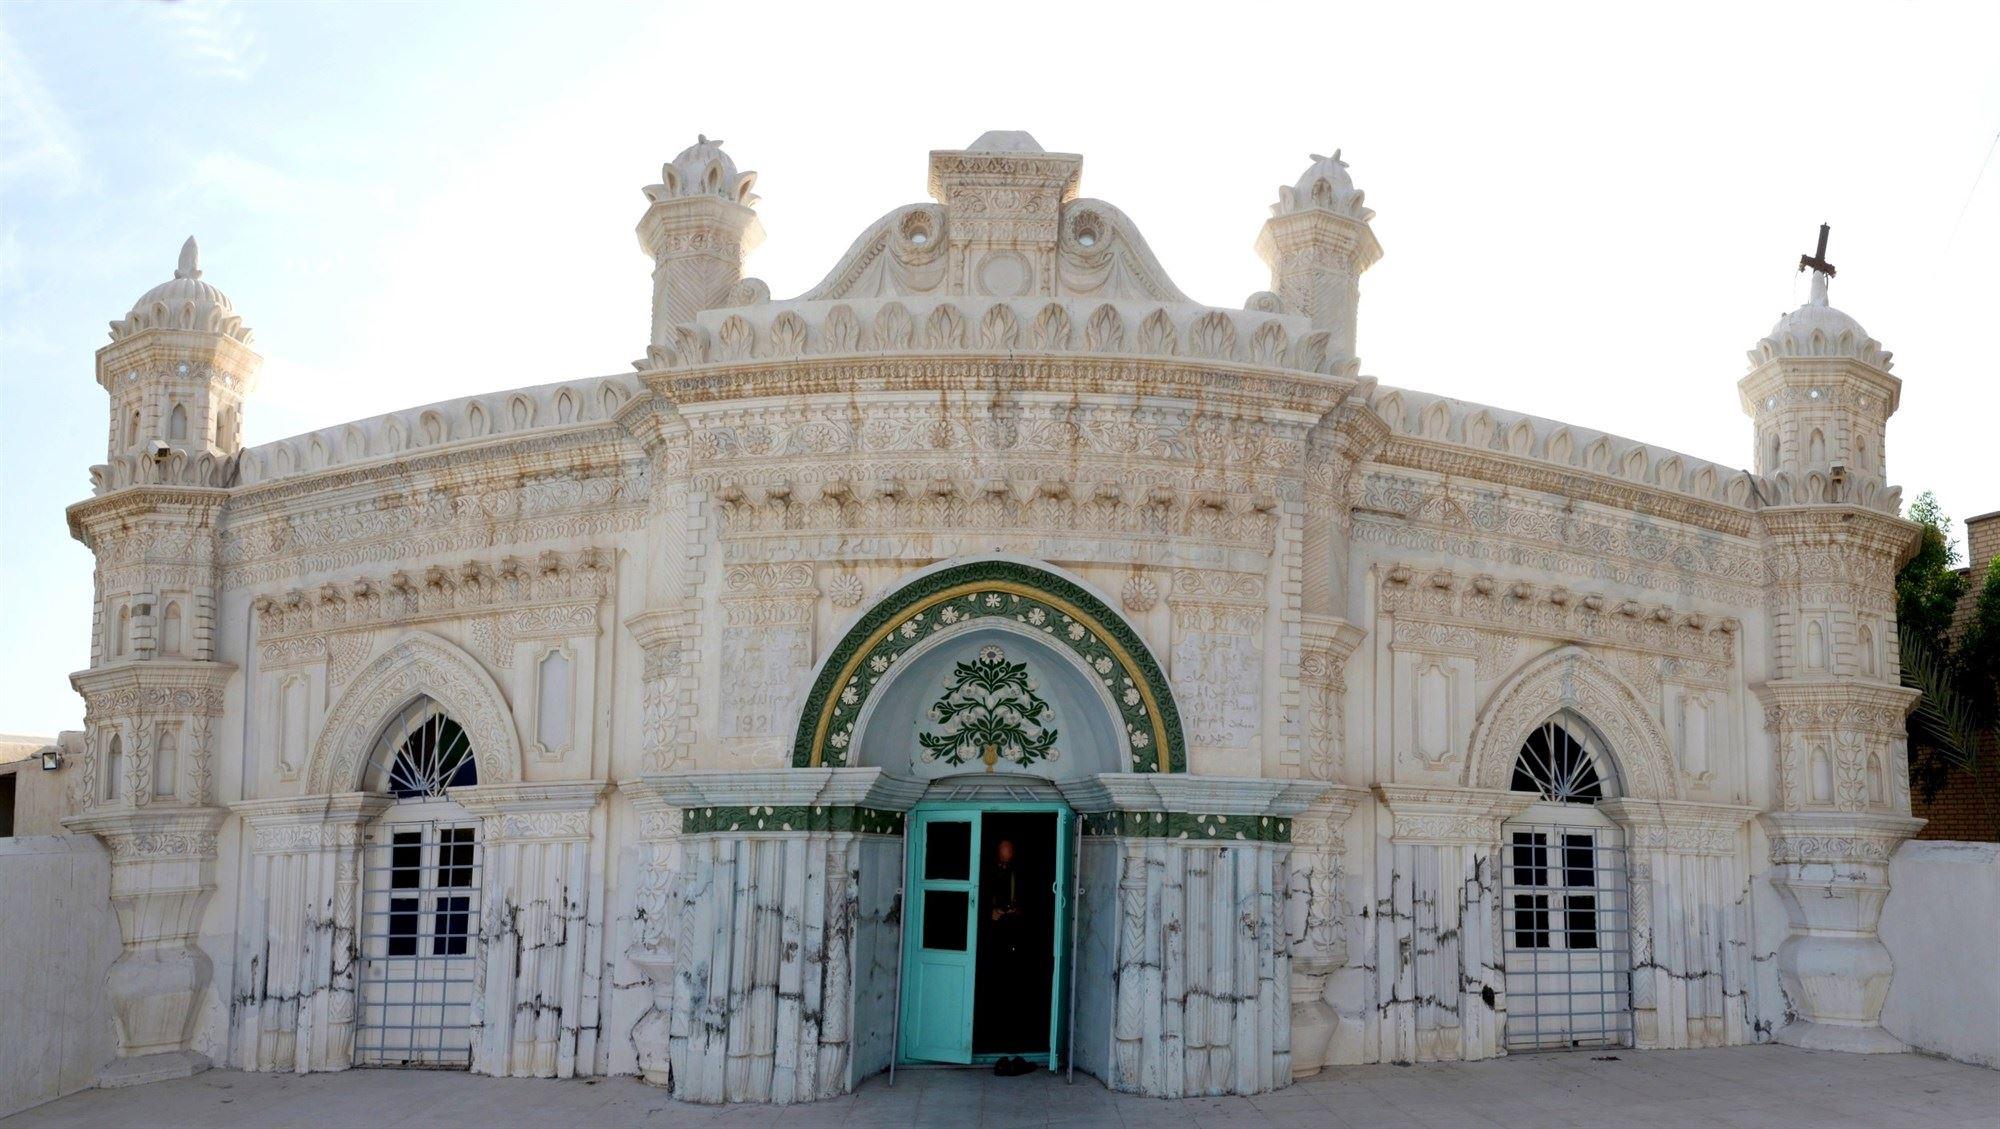 موزهای تاریخی در دل زیباترین مسجد جنوب ایران + تصاویر